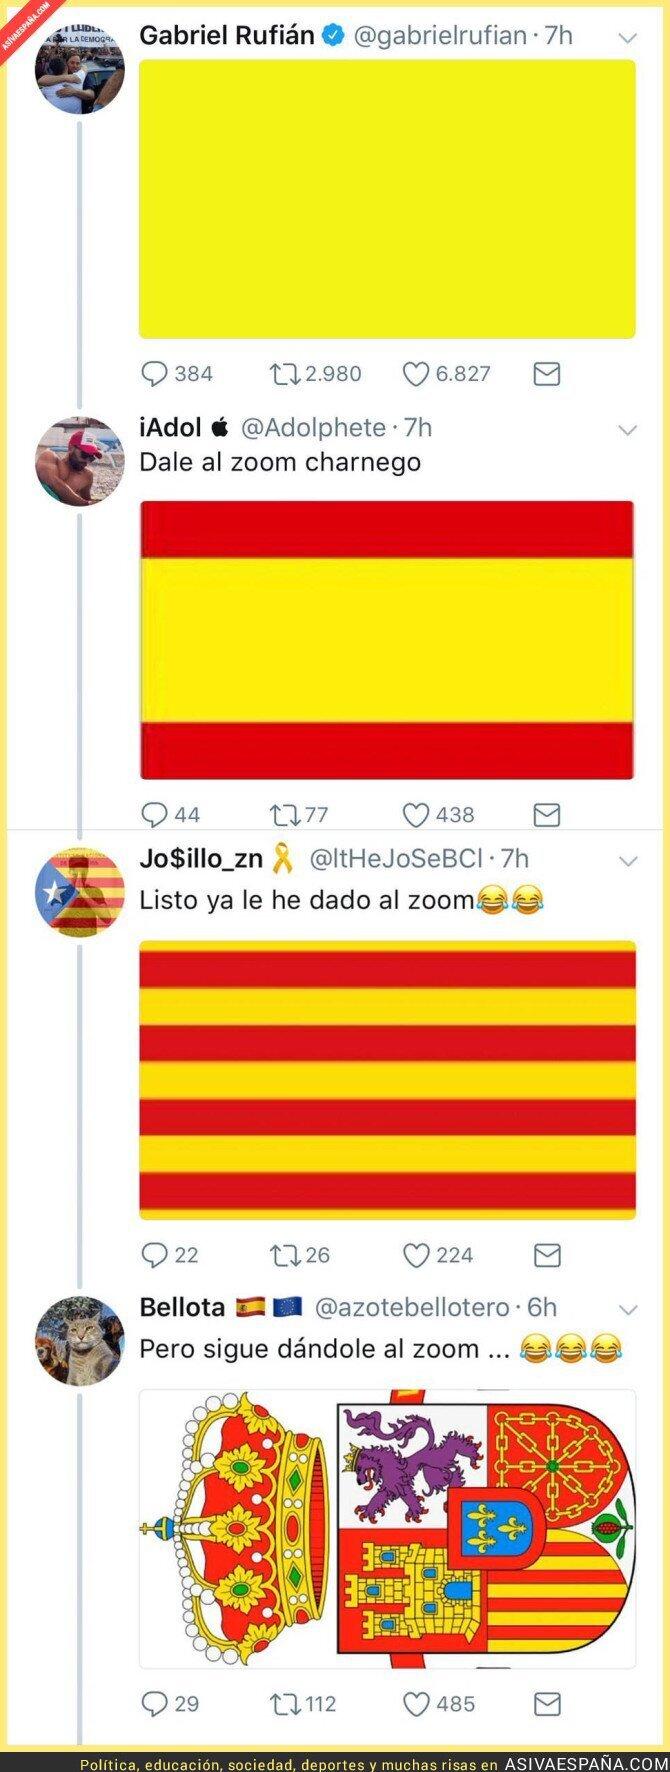 79428 - Gabriel Rufián desafía a la Junta Electoral tuiteando esta imagen amarilla y se lleva una cadena de ZASCAS